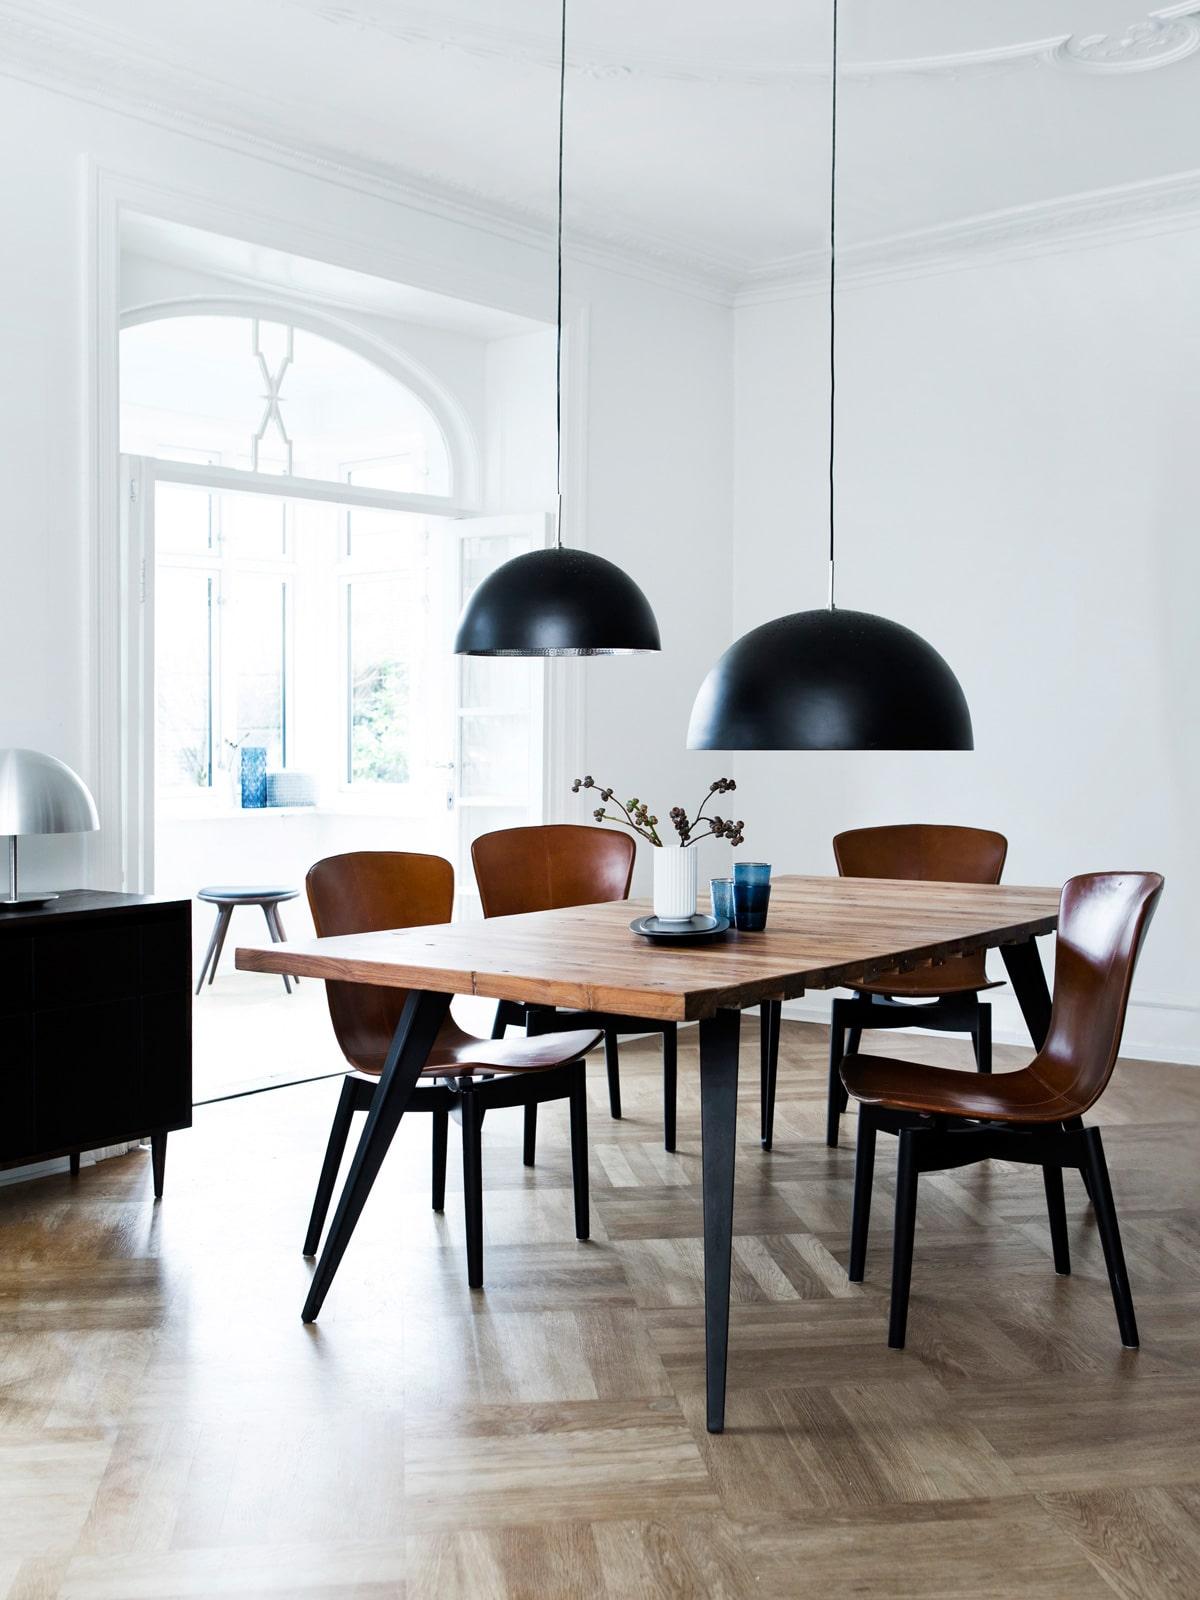 Die Designwelt von Mater bei Designort Berlin Onlineshop Lampen kaufen